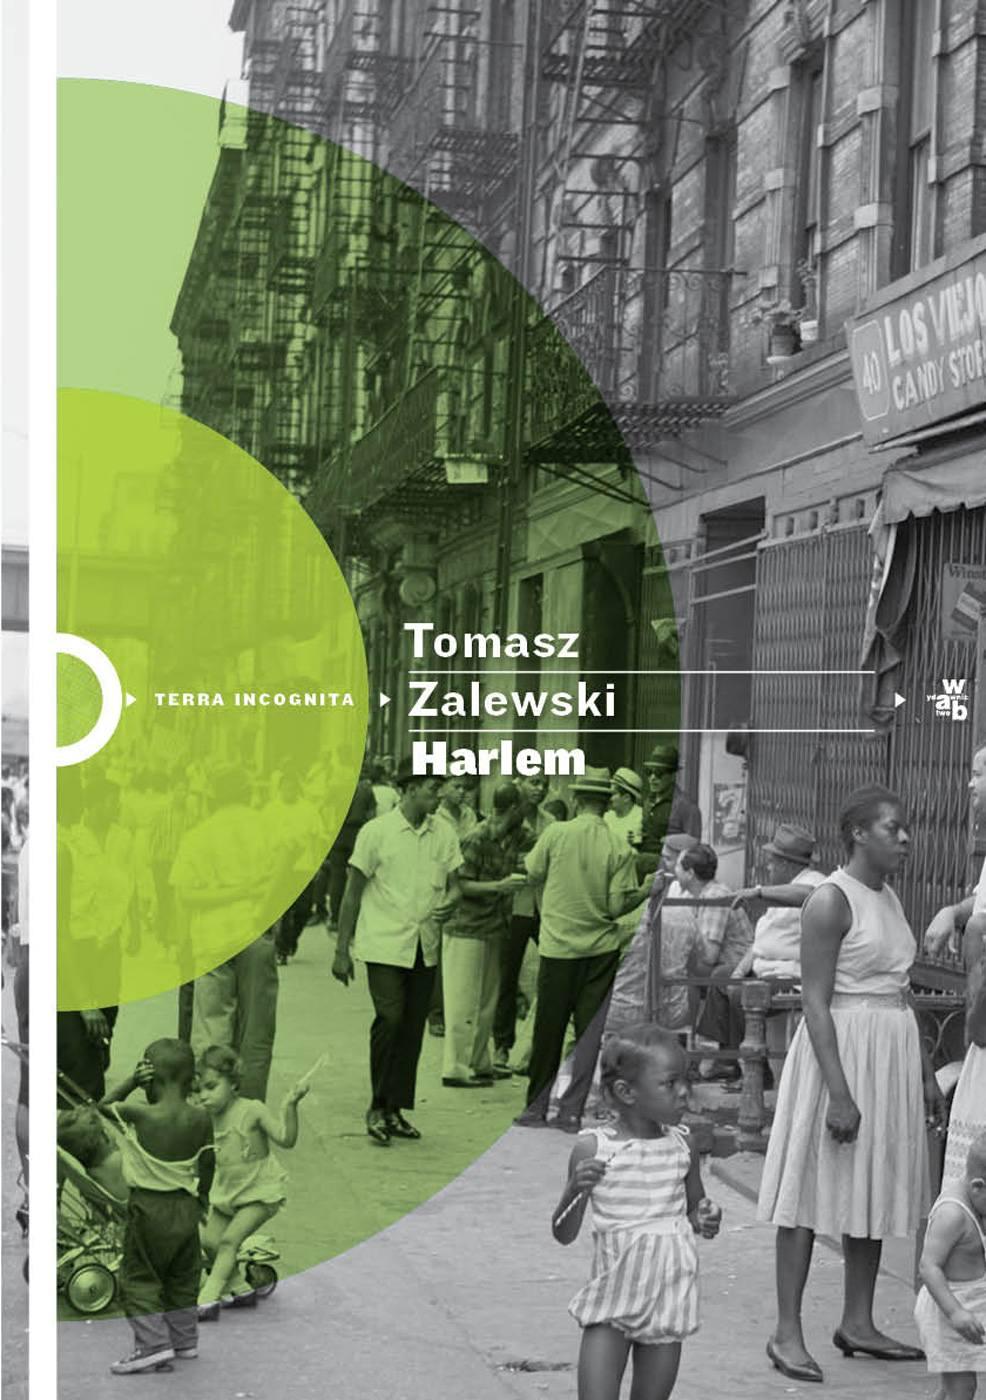 Harlem - Tylko w Legimi możesz przeczytać ten tytuł przez 7 dni za darmo. - Tomasz Zalewski